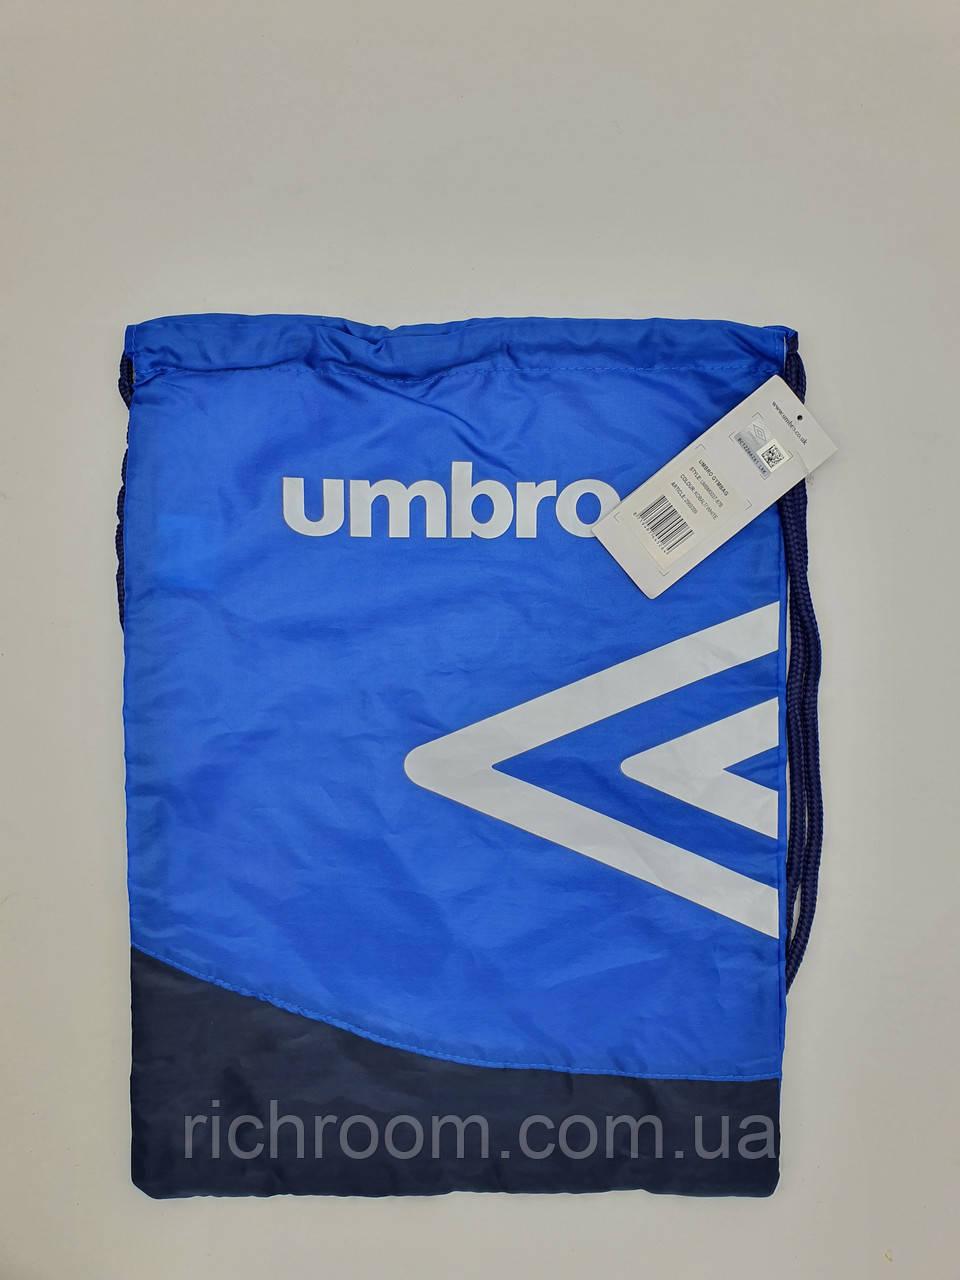 Рюкзак - мішок, сумка спортивна, для взуття Umbro GYMBACK 44 х 32 см